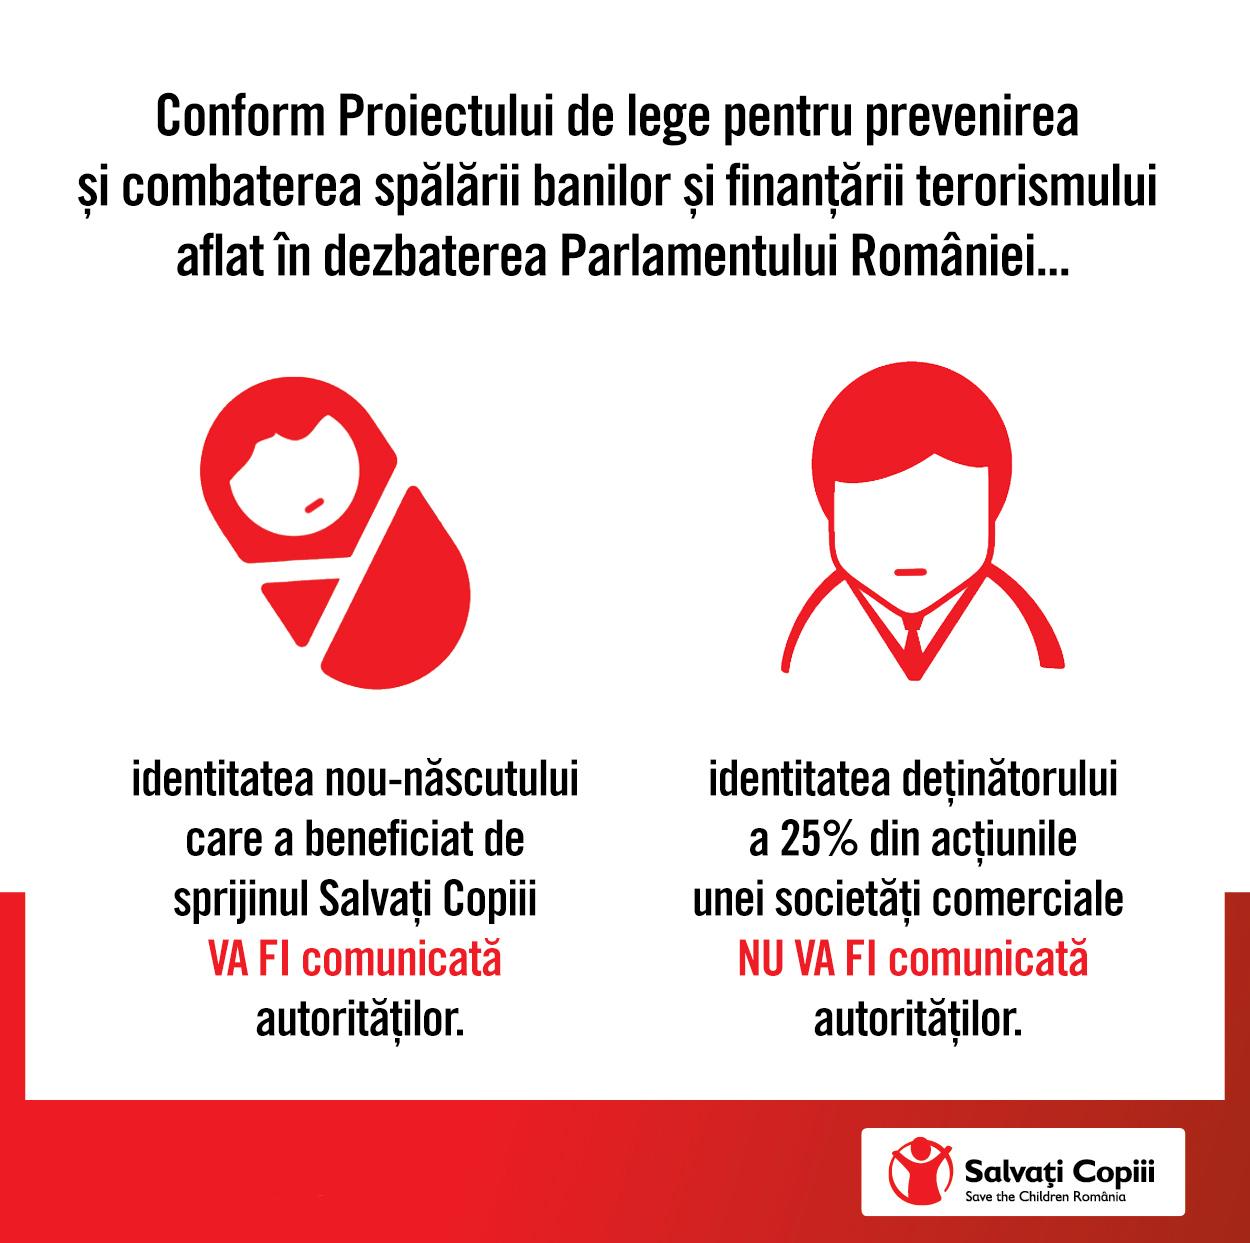 Organizația Salvați Copiii solicită Parlamentului României să nu voteze în forma actuală art. 3 (2) lit. c) al proiectului de lege pentru combaterea spălării banilor